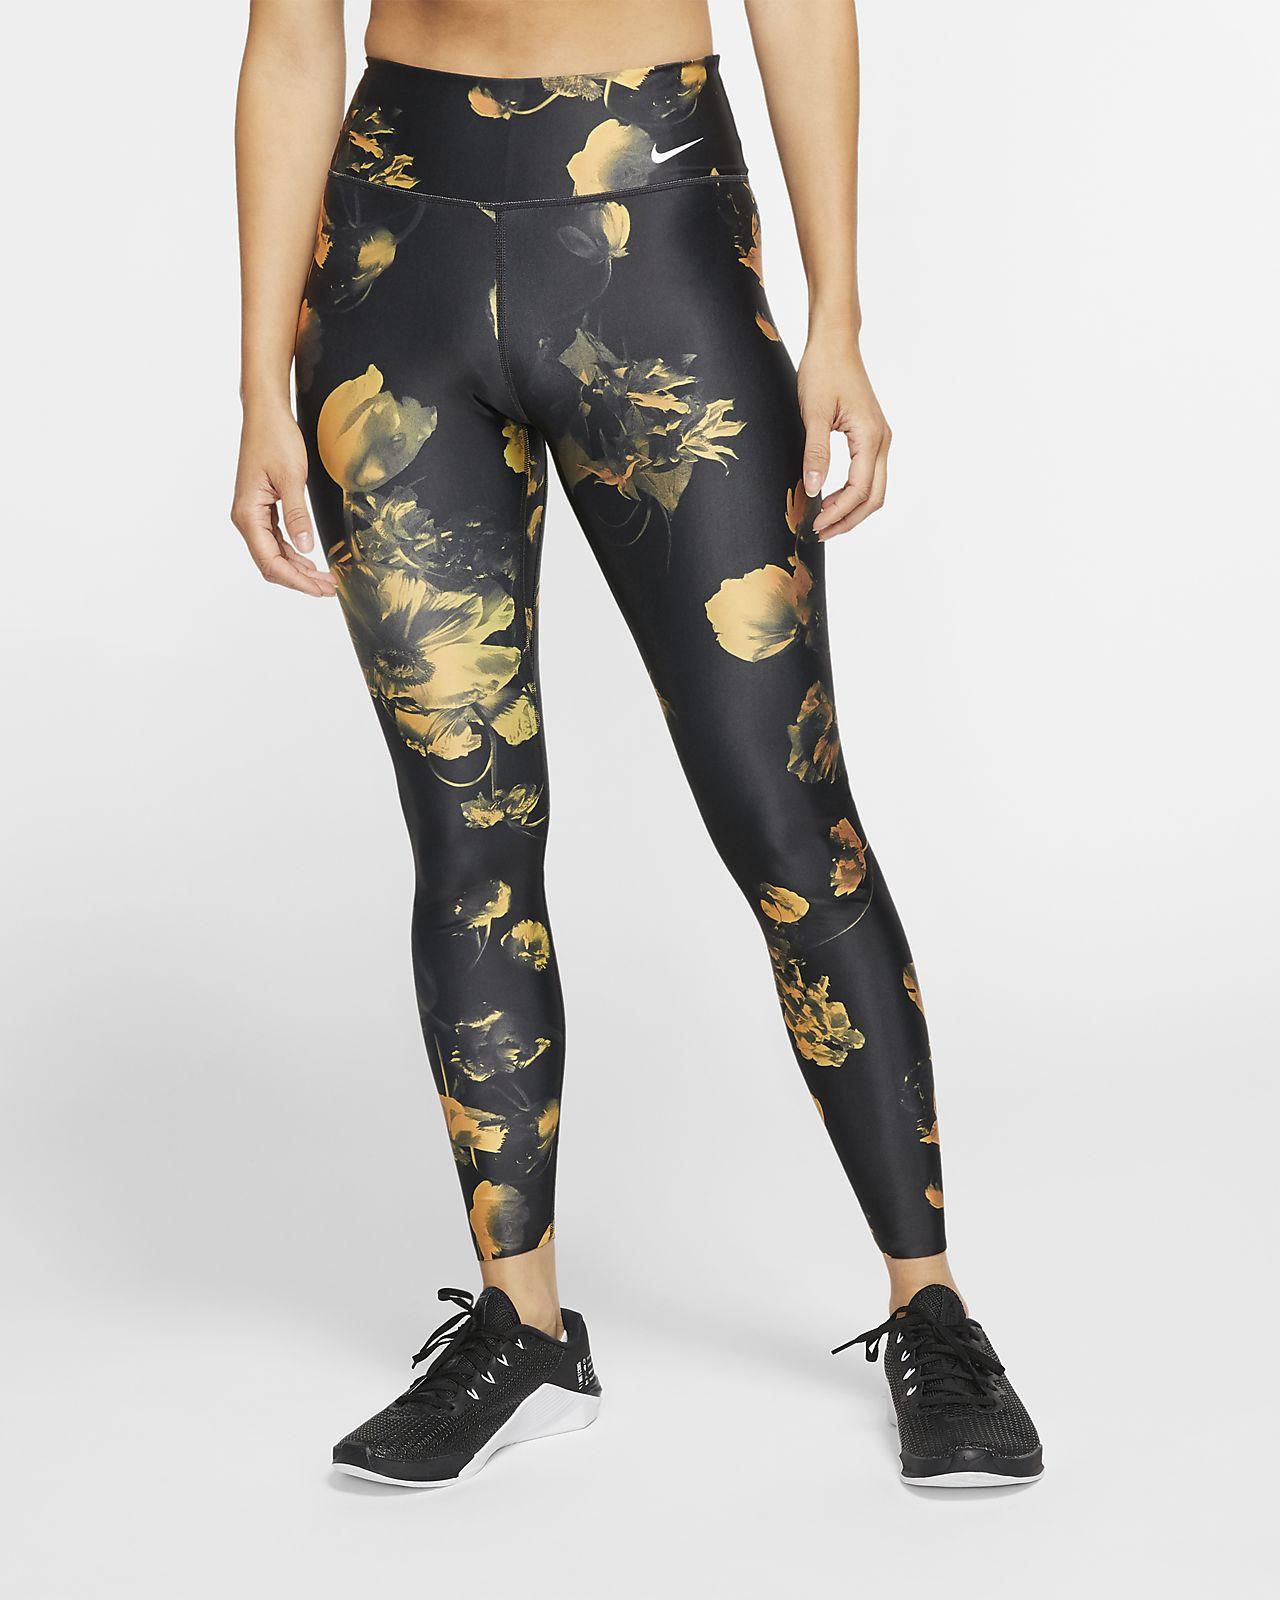 Nike Power Trainings-Tights mit Blumendesign für Damen